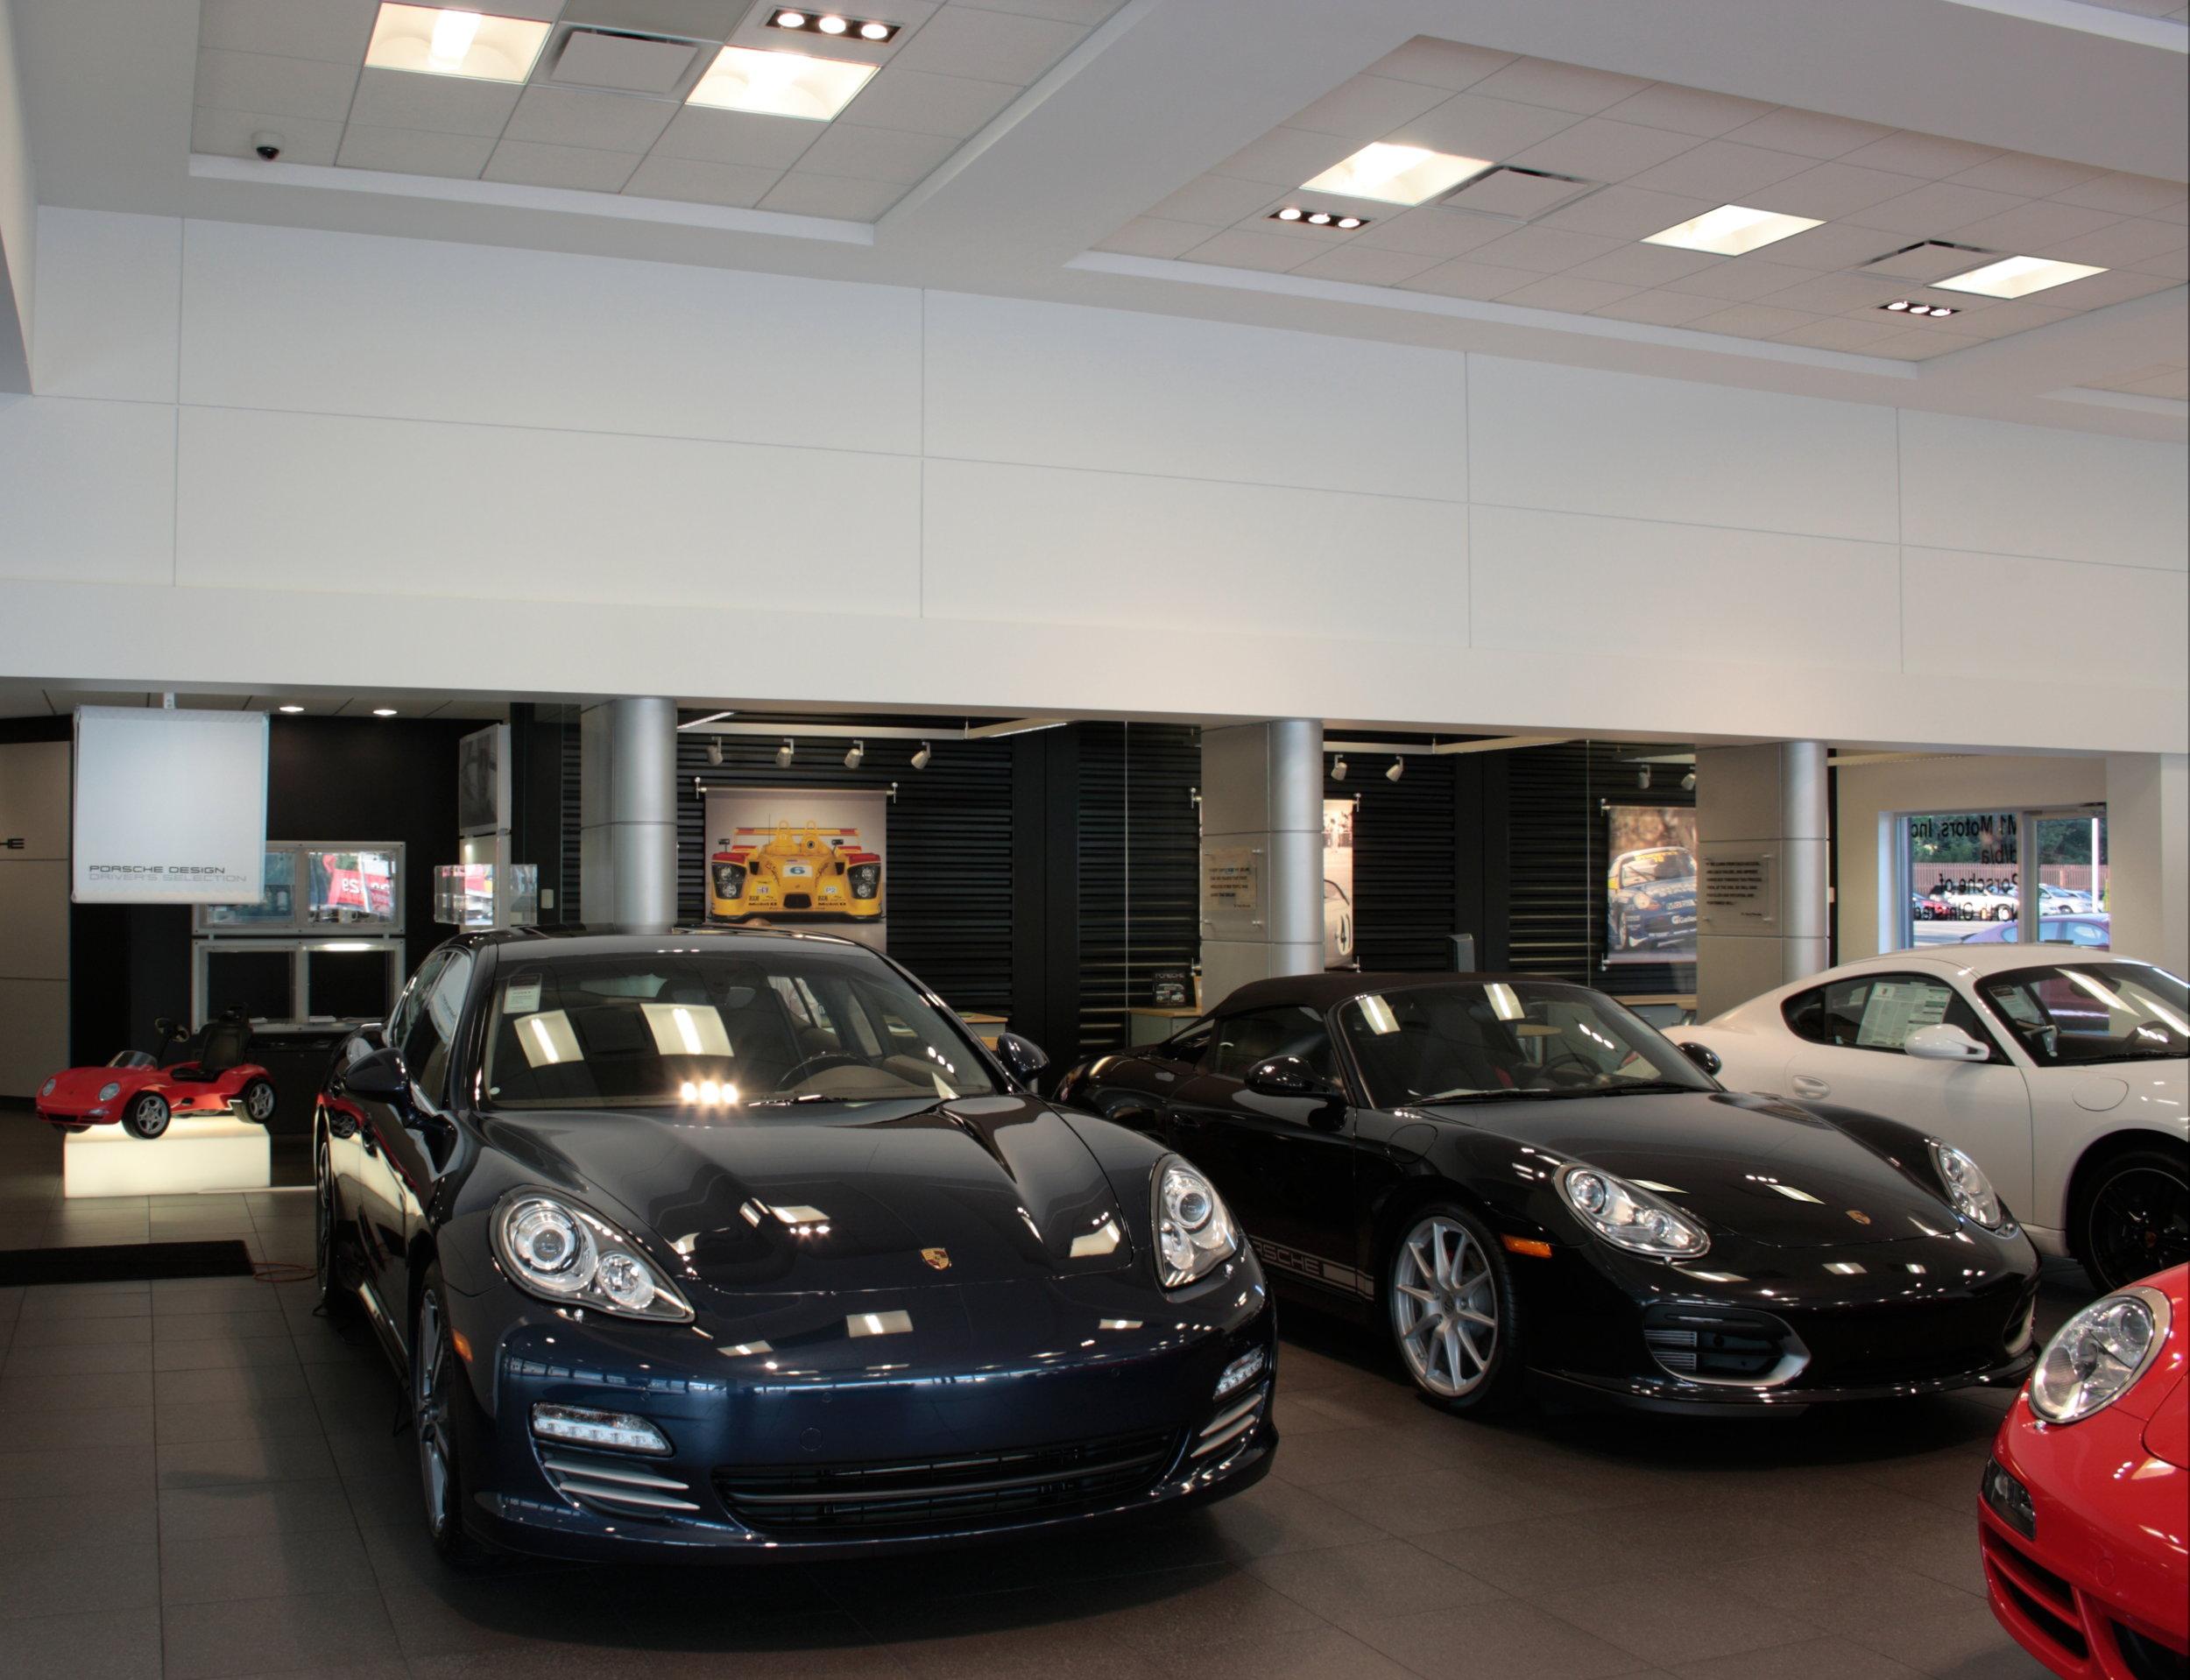 Porsche_showroom2.JPG